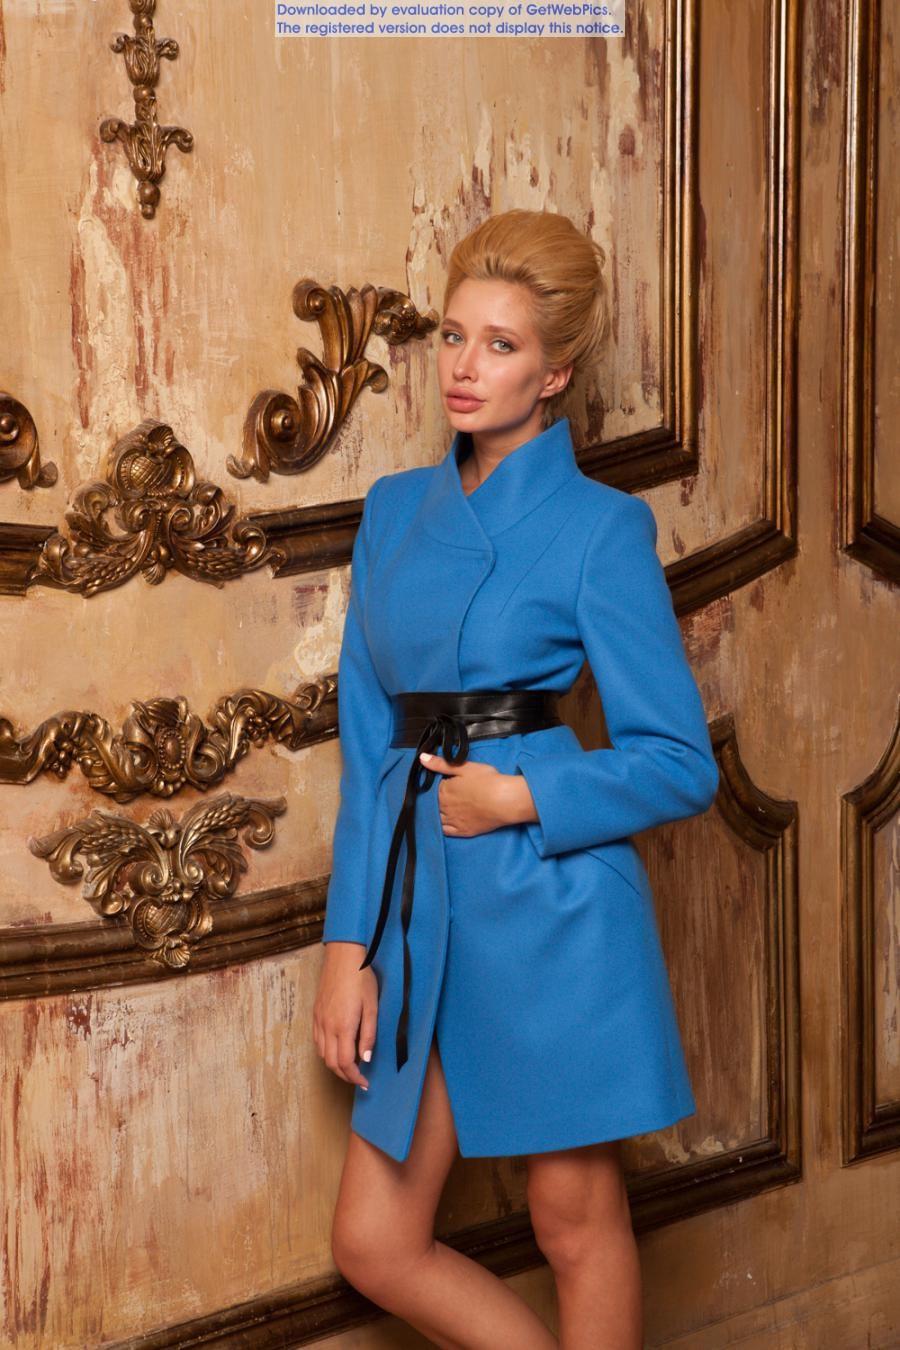 Сбор заказов. Лучшее модное пальто Декка(Dekka) из натуральной шерсти! Распродажа 50-70% Зимы и Весны.Цены в 2 раза ниже магазинных. Много отзывов! Выкуп-9.